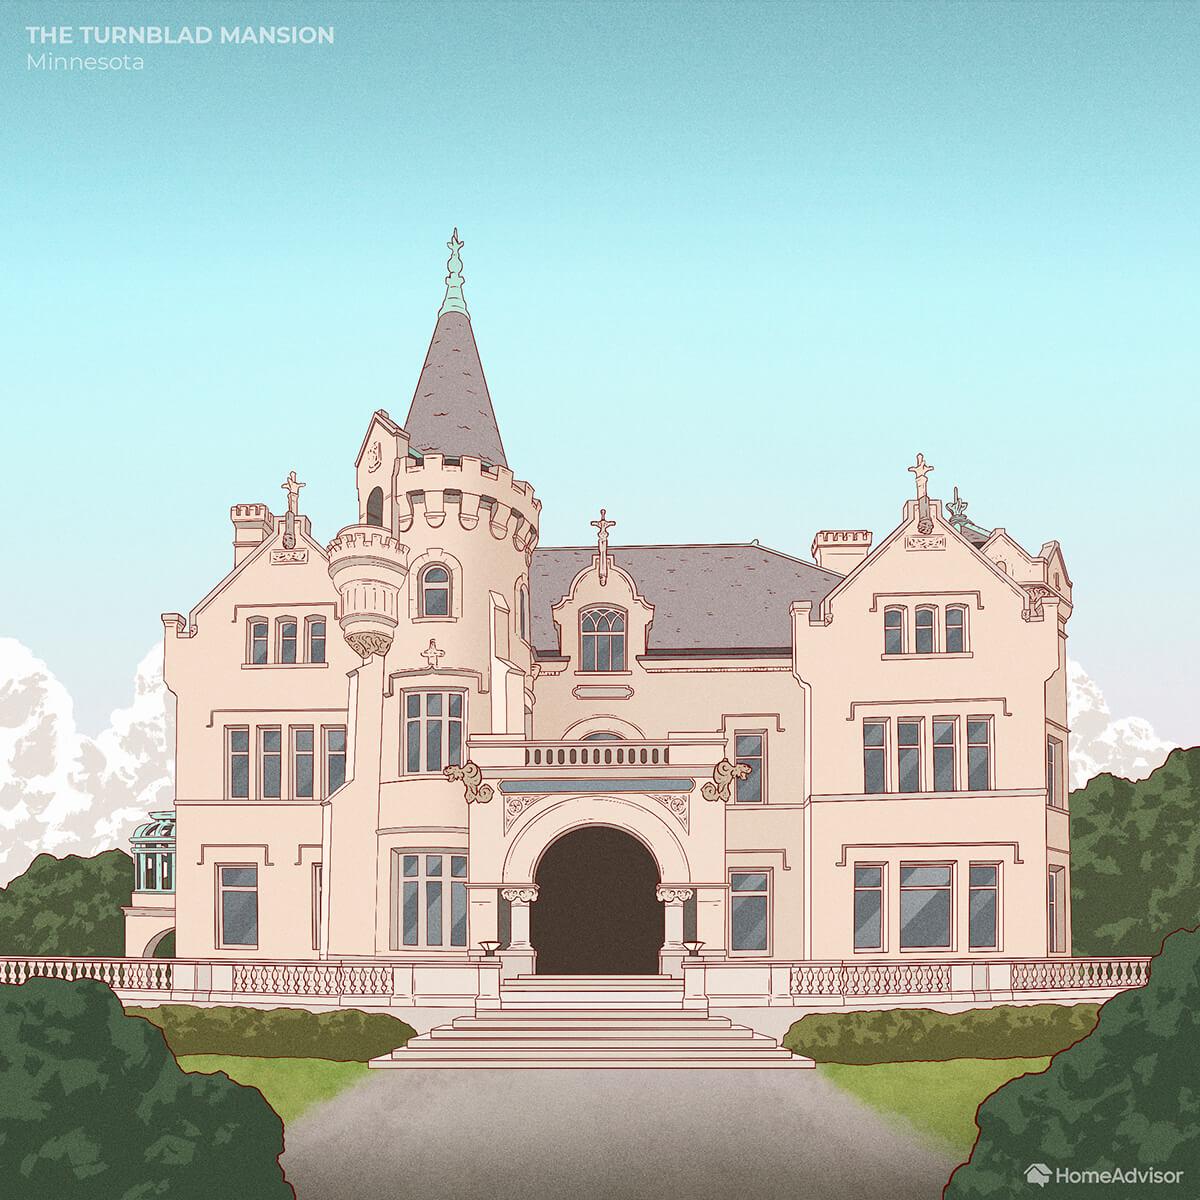 Turnblad Mansion